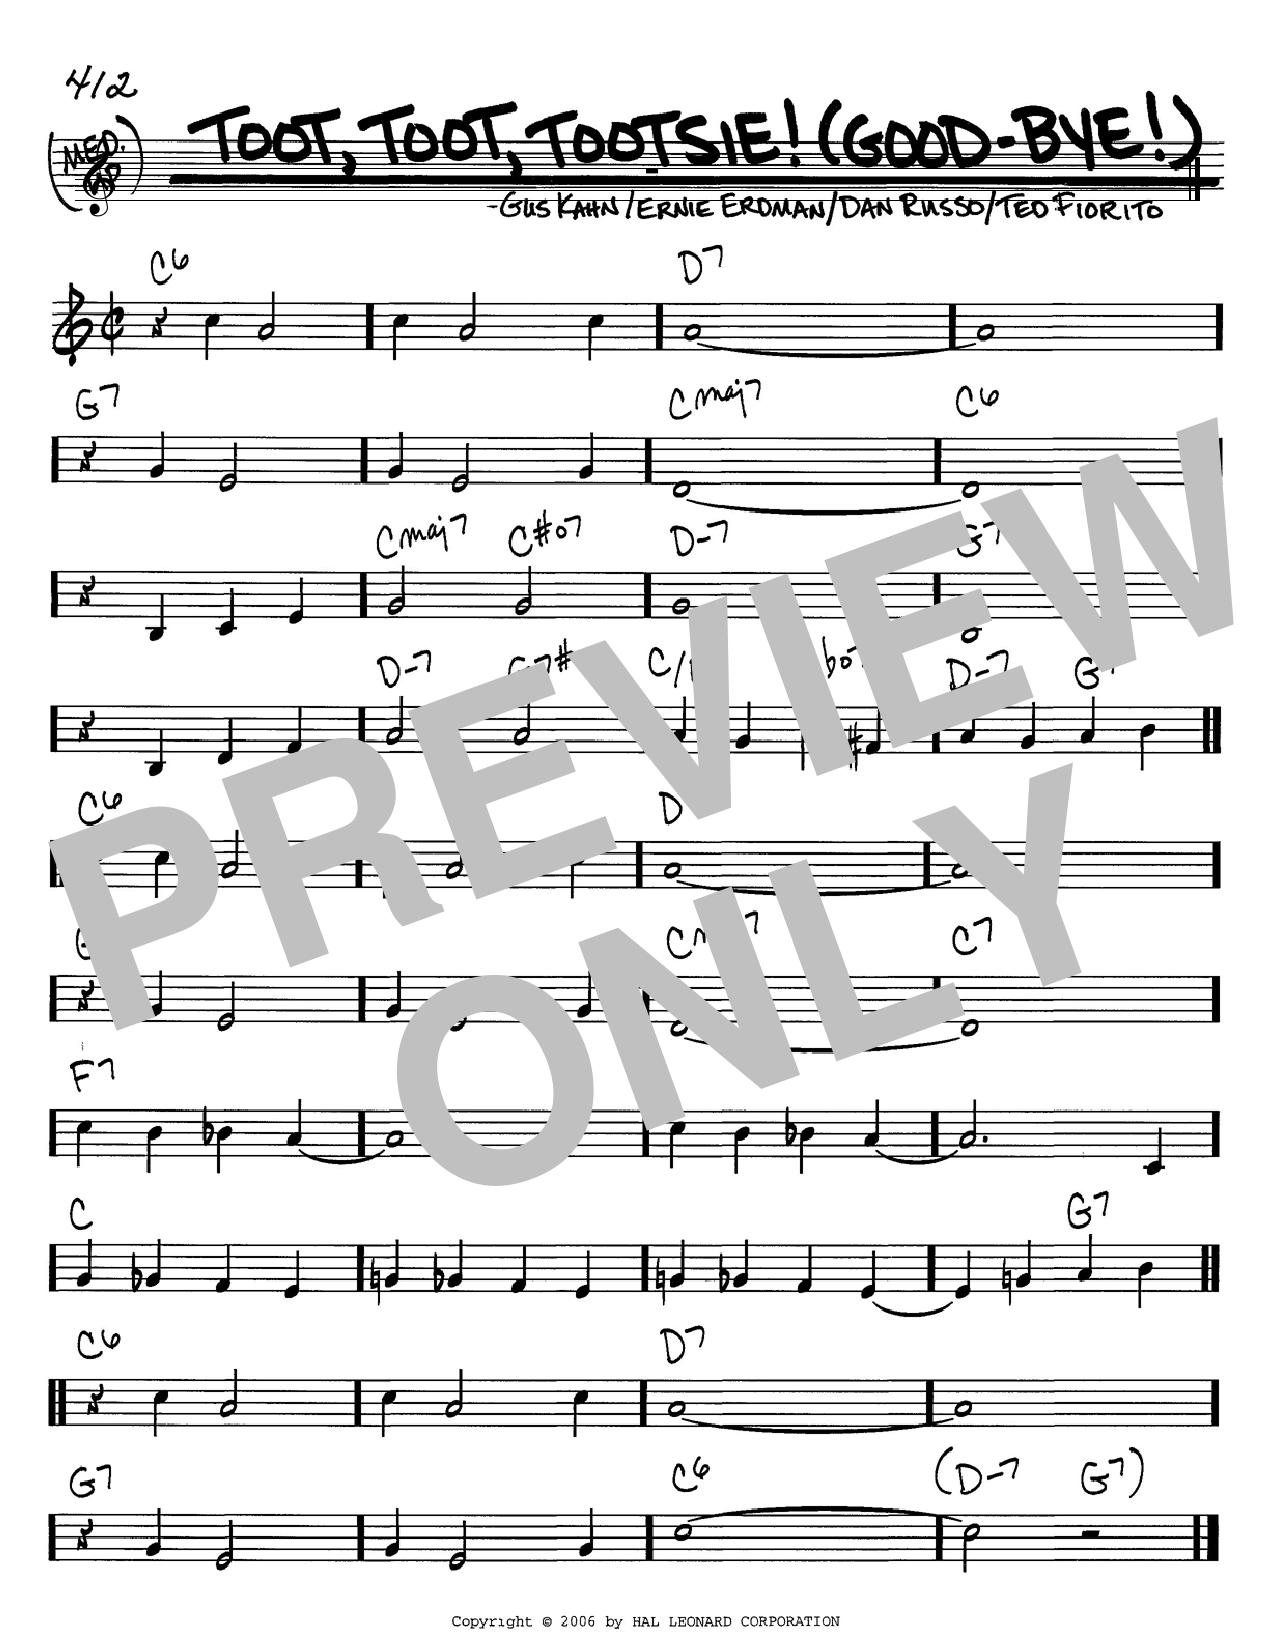 Toot, Toot, Tootsie! (Good-bye!) sheet music